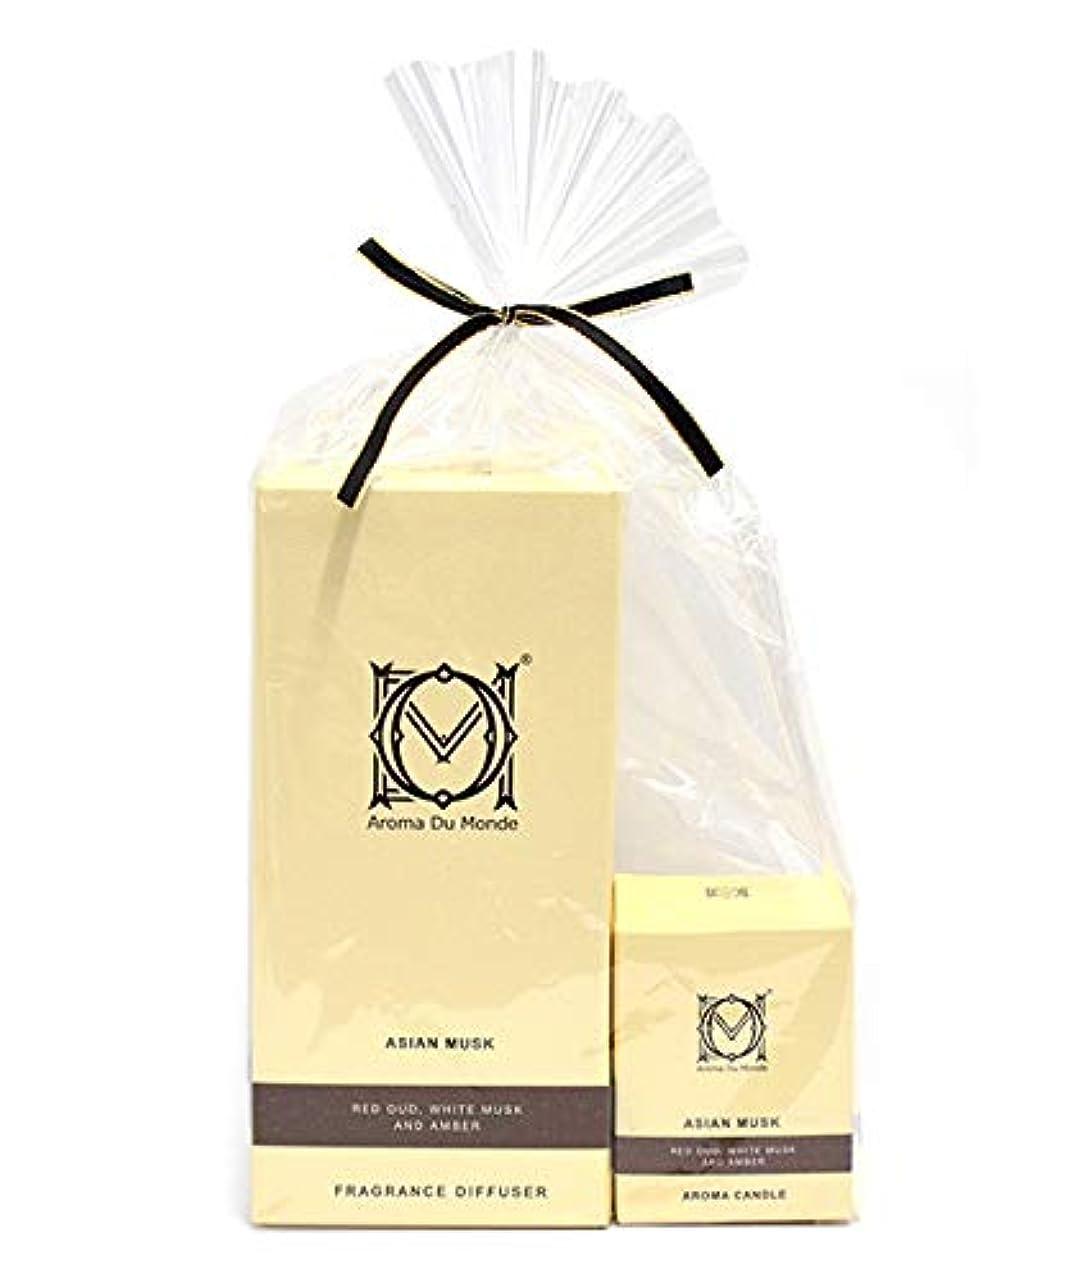 毛細血管敵対的基礎理論フレグランスディフューザー&キャンドル アジアンムスク セット Aroma Du Monde/ADM Fragrance Diffuser & Candle Asian Musk Set 81157